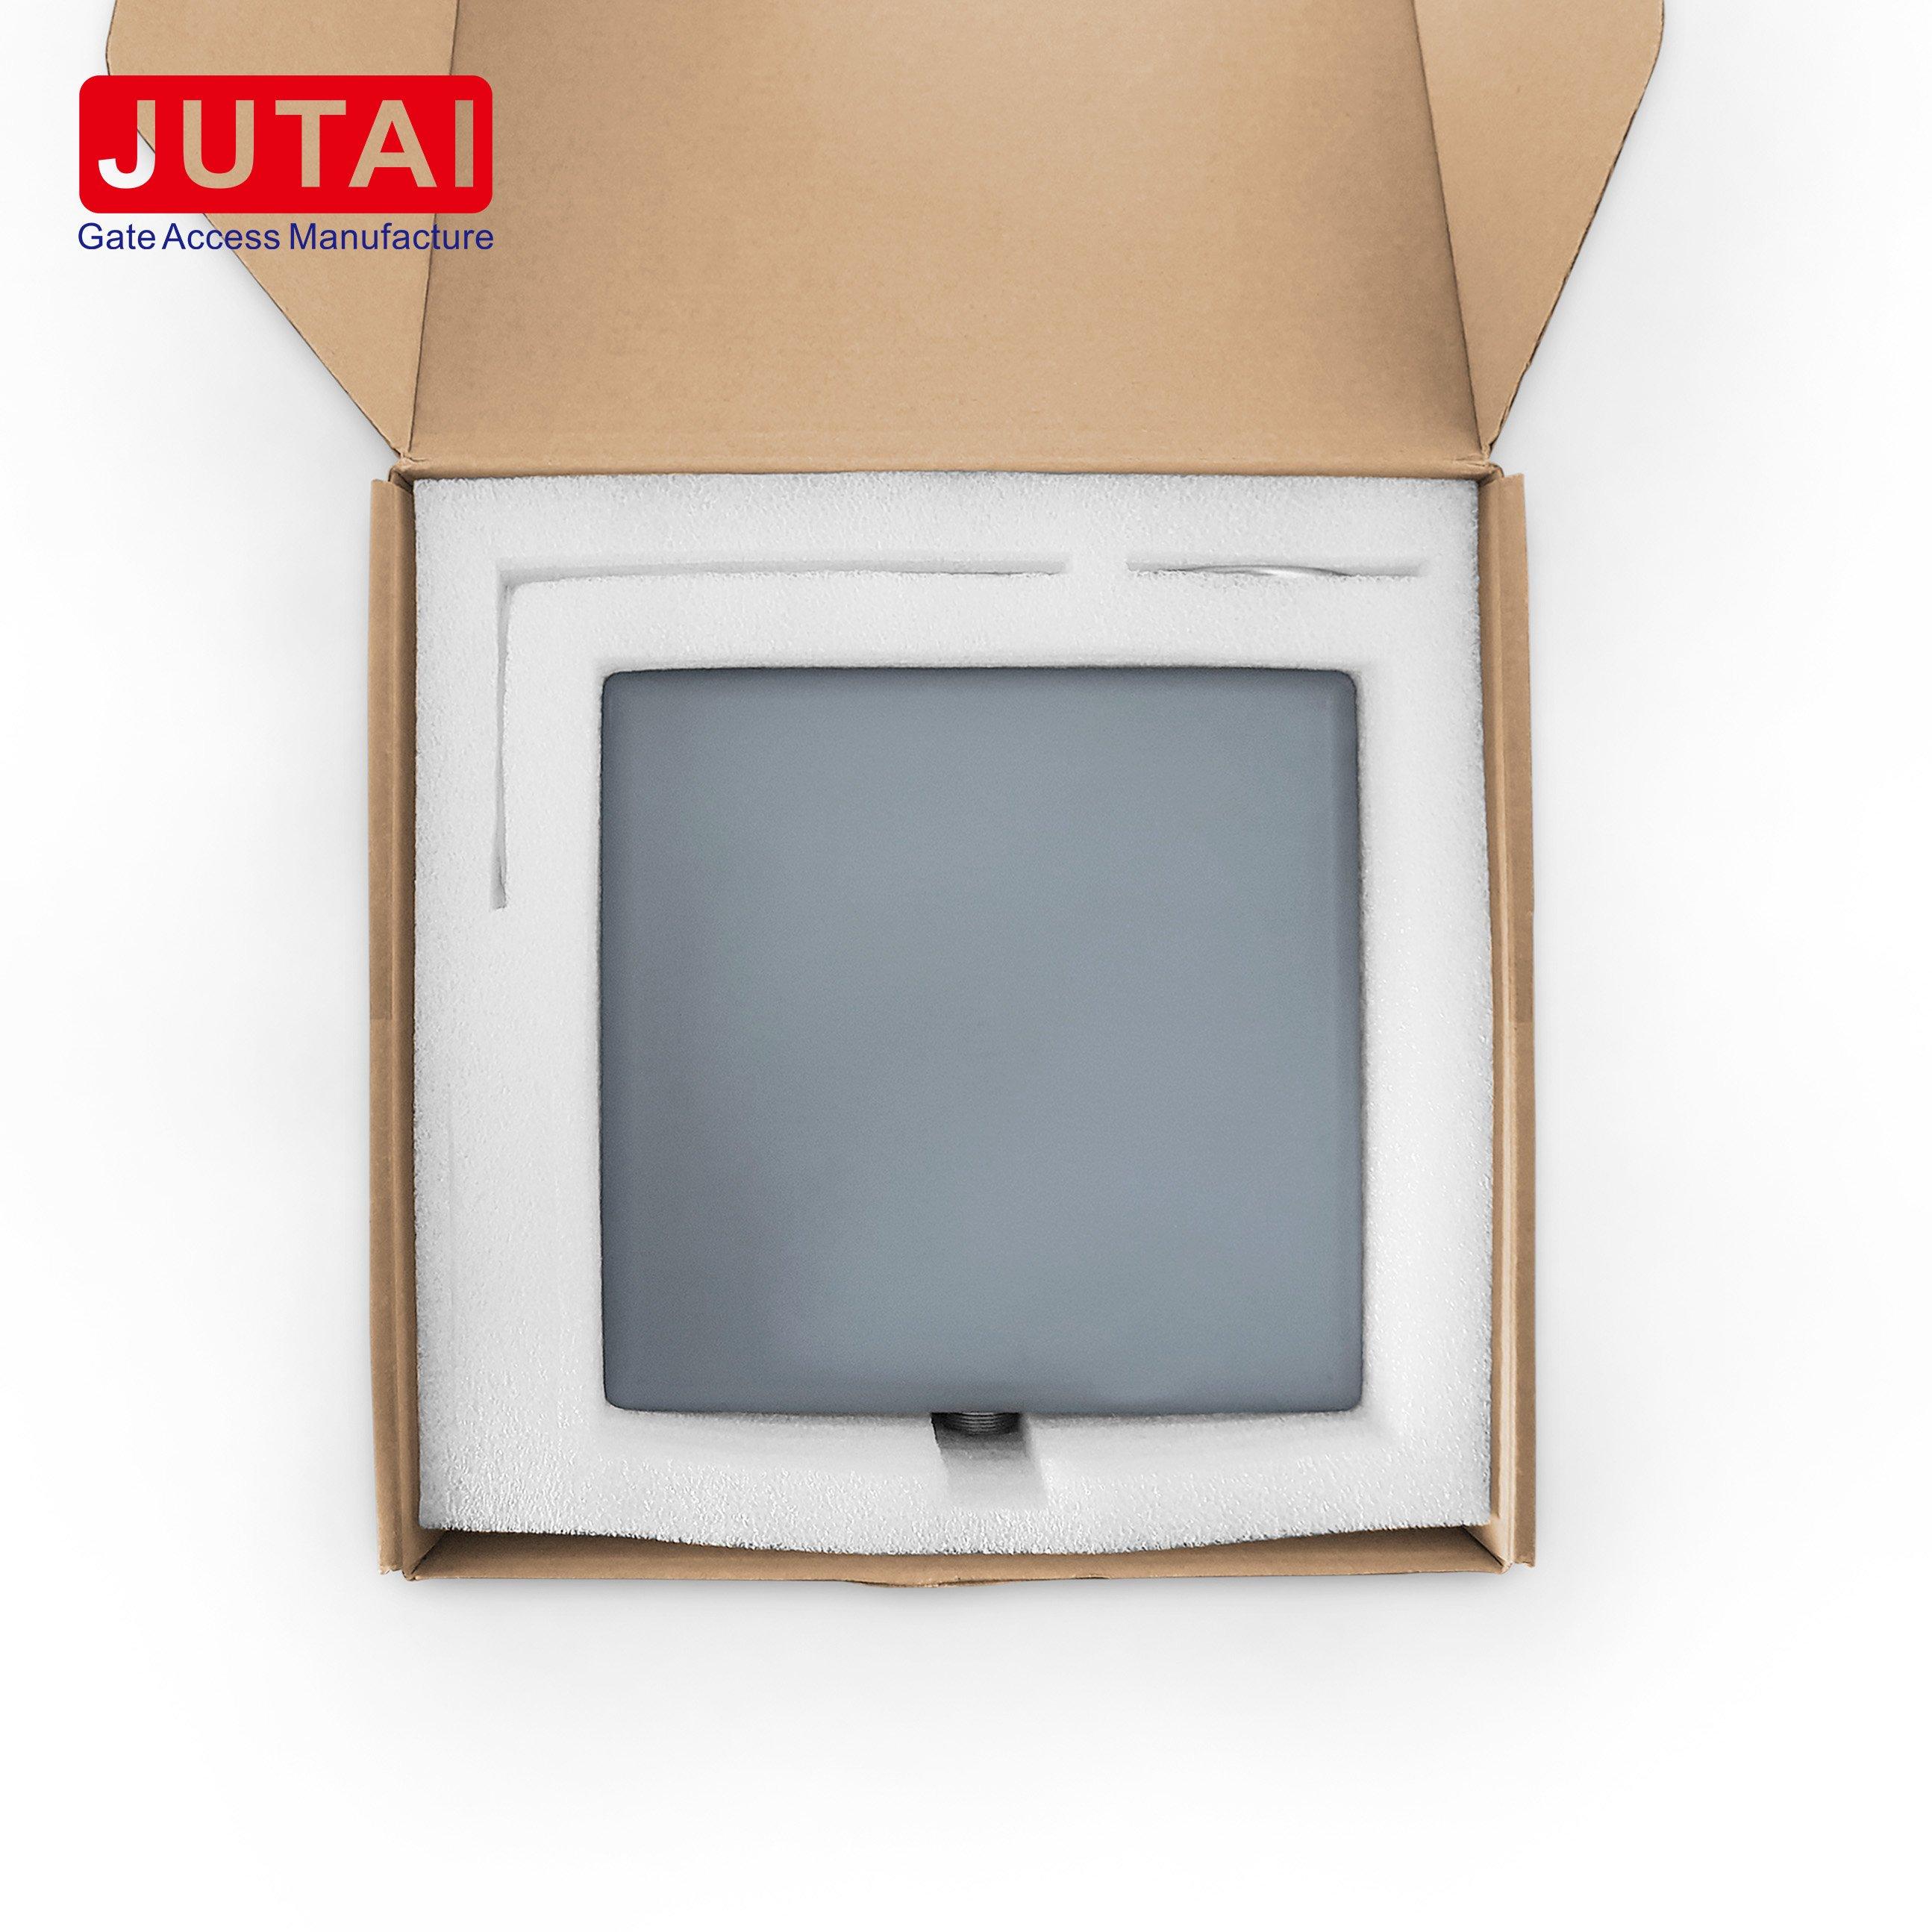 JUTAI 2.45G lange afstand actieve RFID-lezer